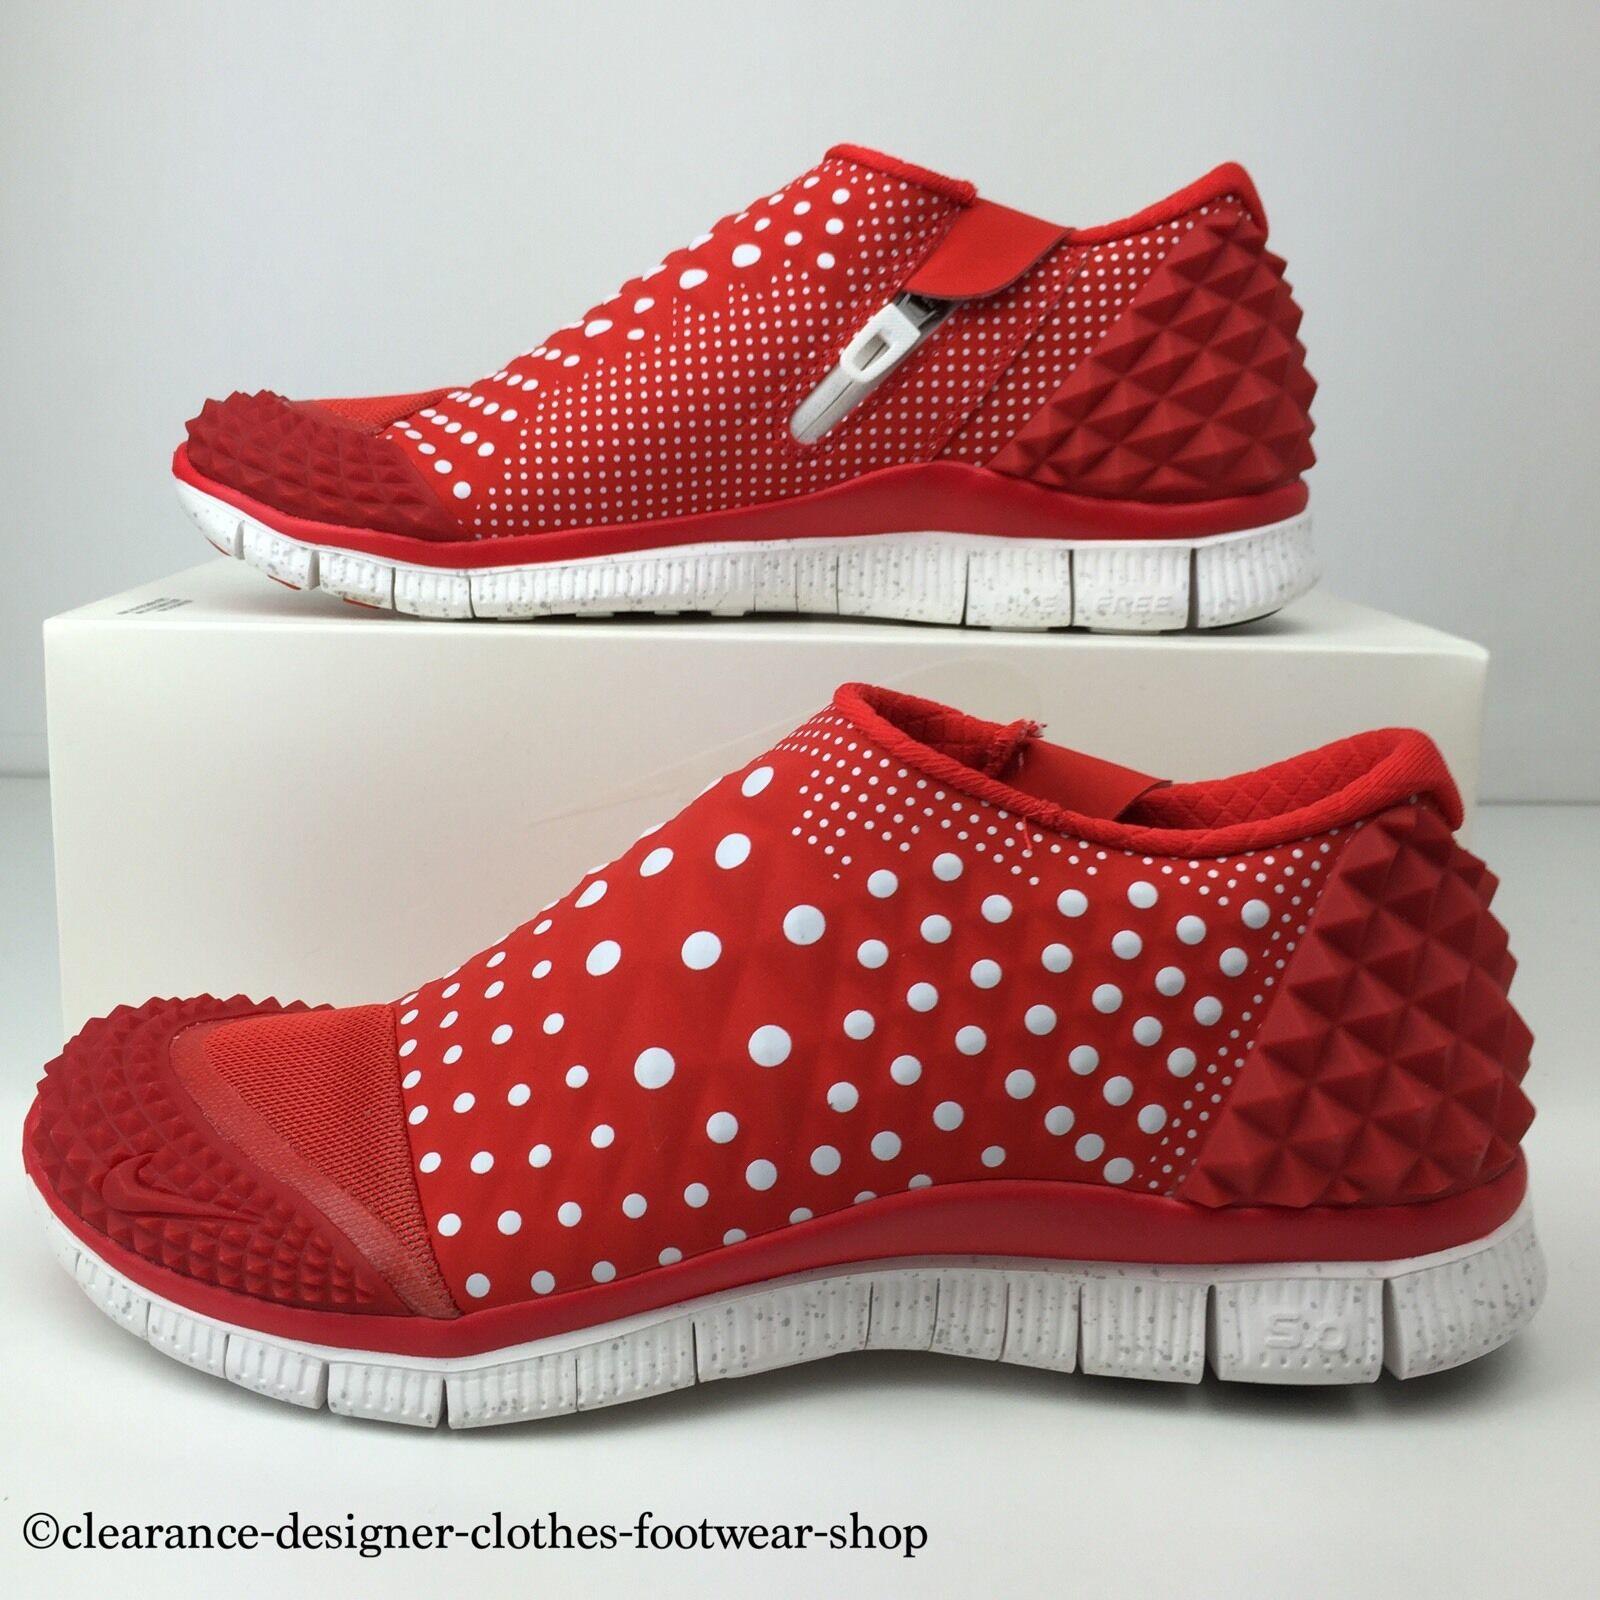 Nike Free Orbit Ii Sp Sp Ii formadores para hombre libre Run Corriendo Training Nuevo 0b3840